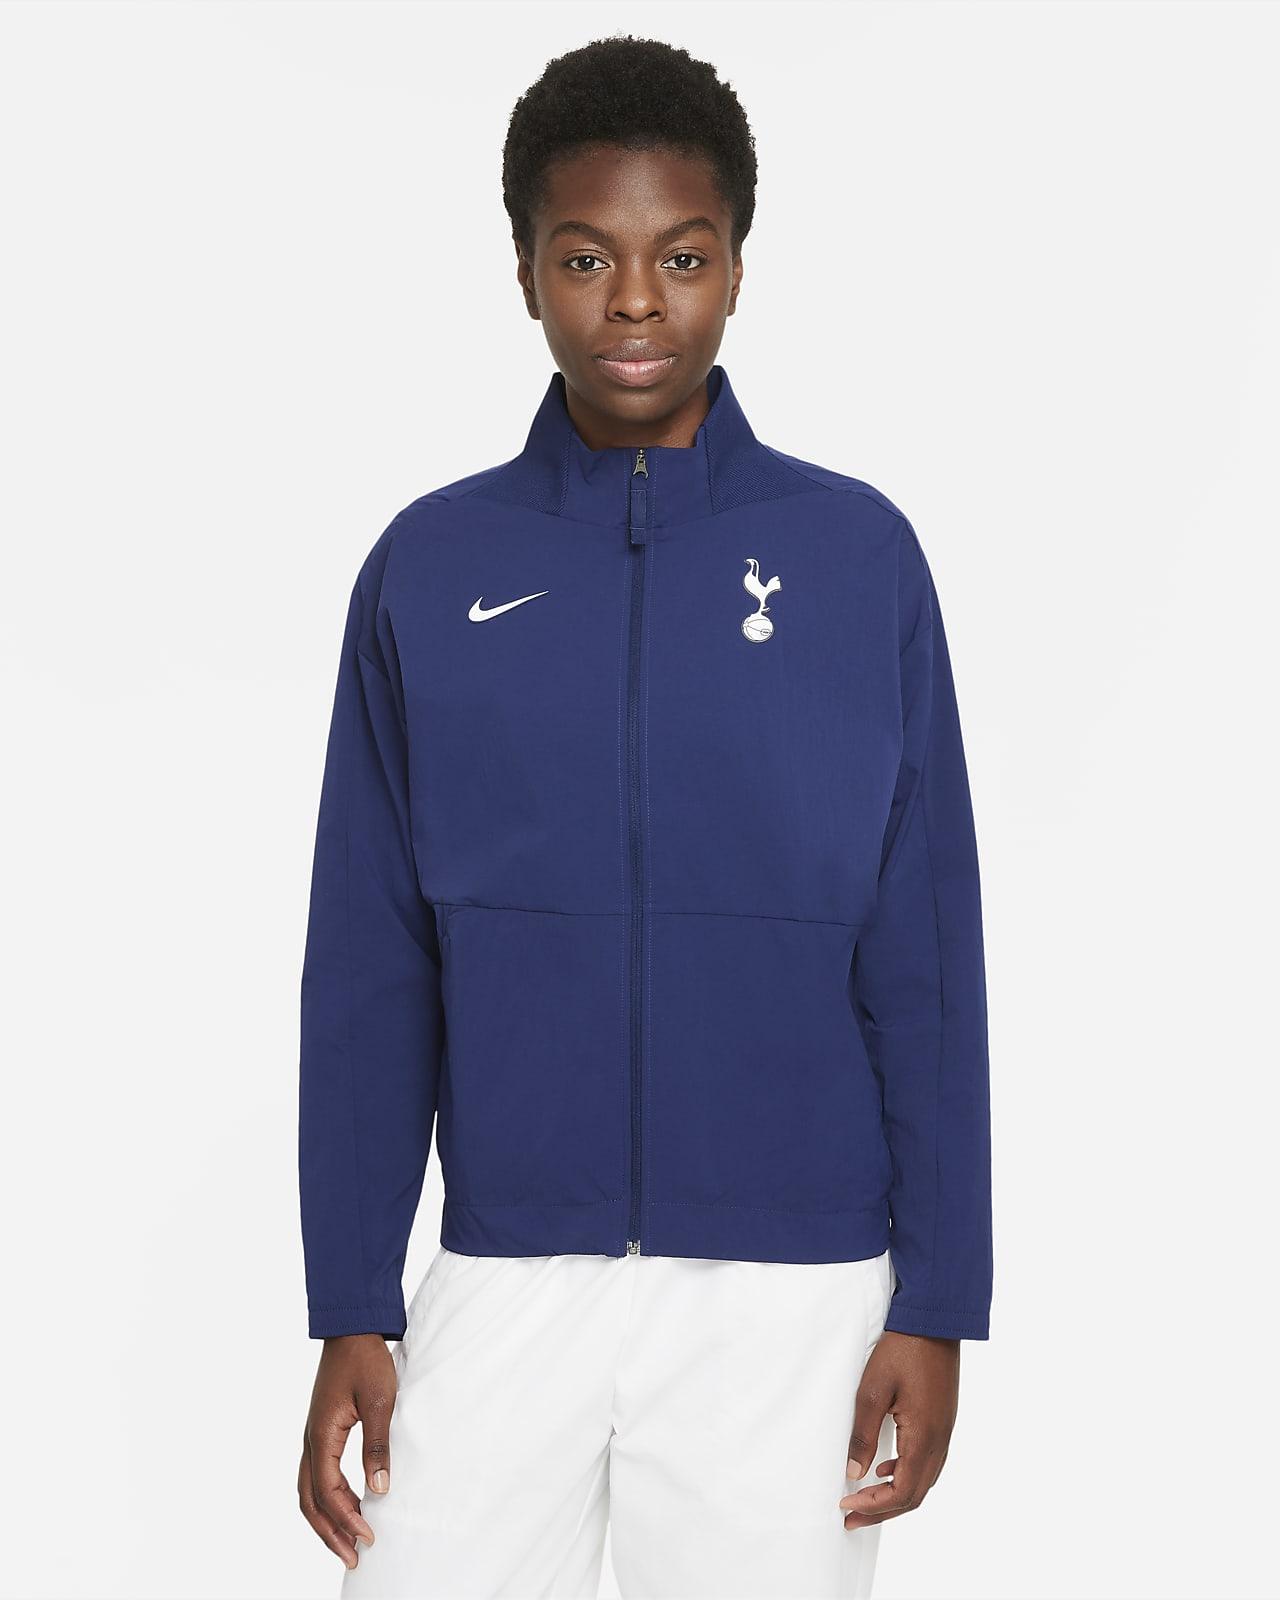 Tottenham Hotspur Women's Nike Dri-FIT Football Jacket